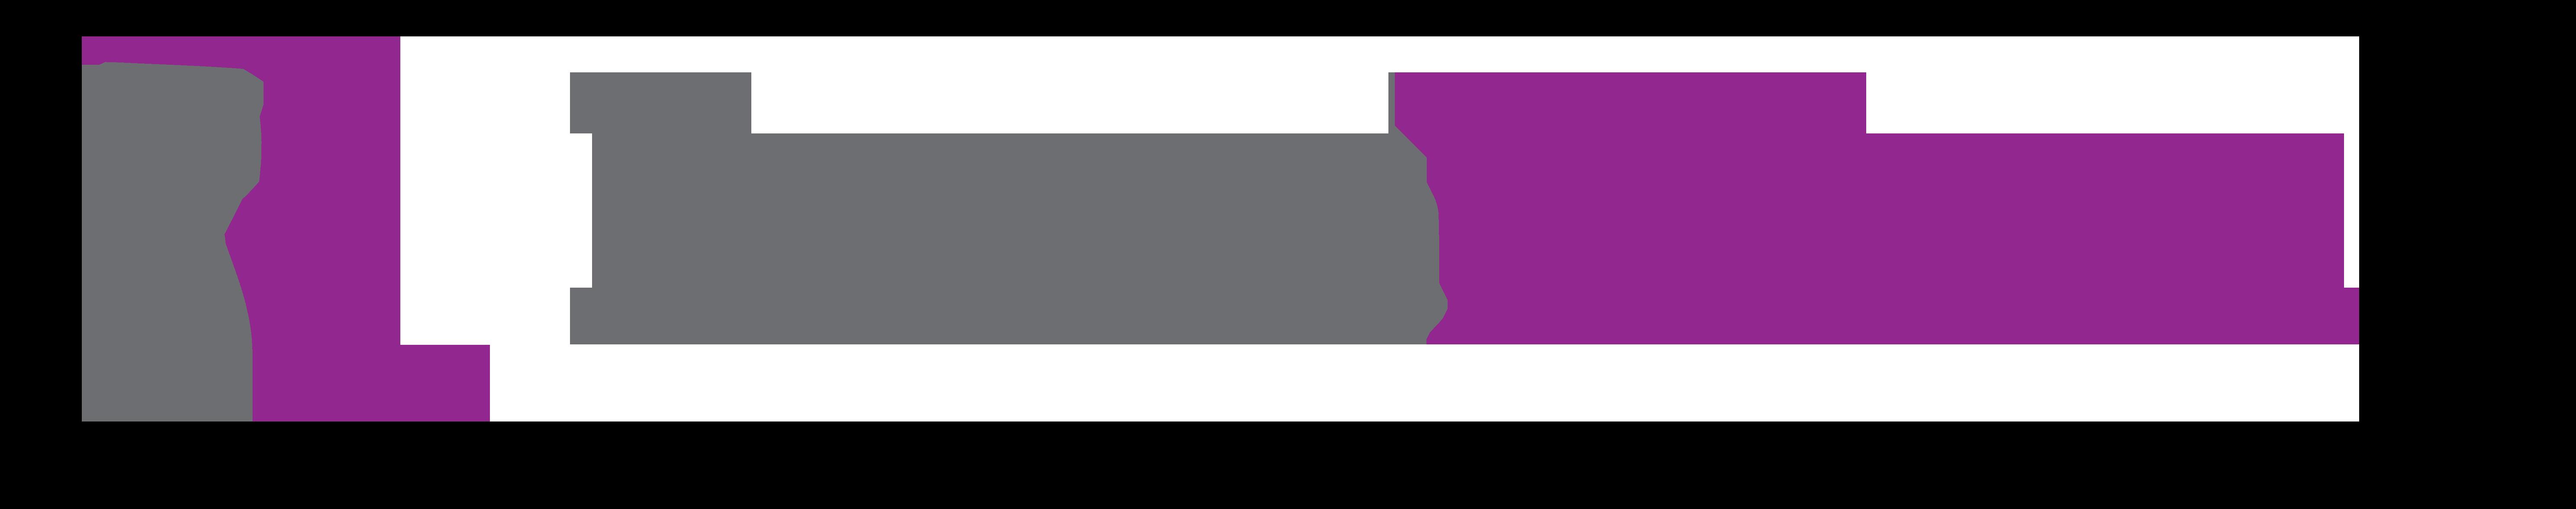 JecaraRivera